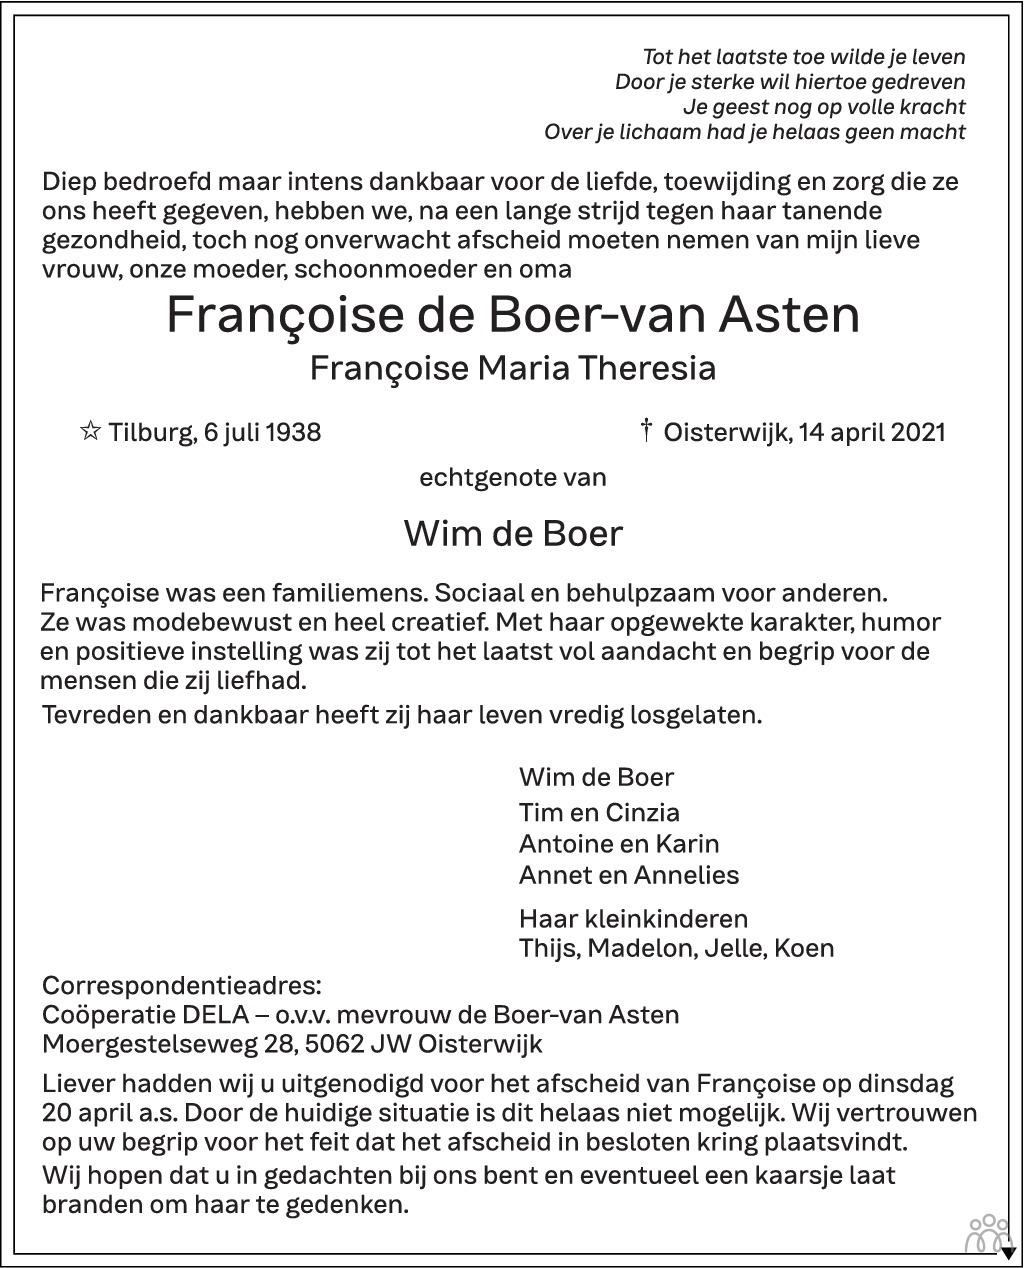 Overlijdensbericht van Françoise Maria Theresia de Boer-van Asten in Brabants Dagblad